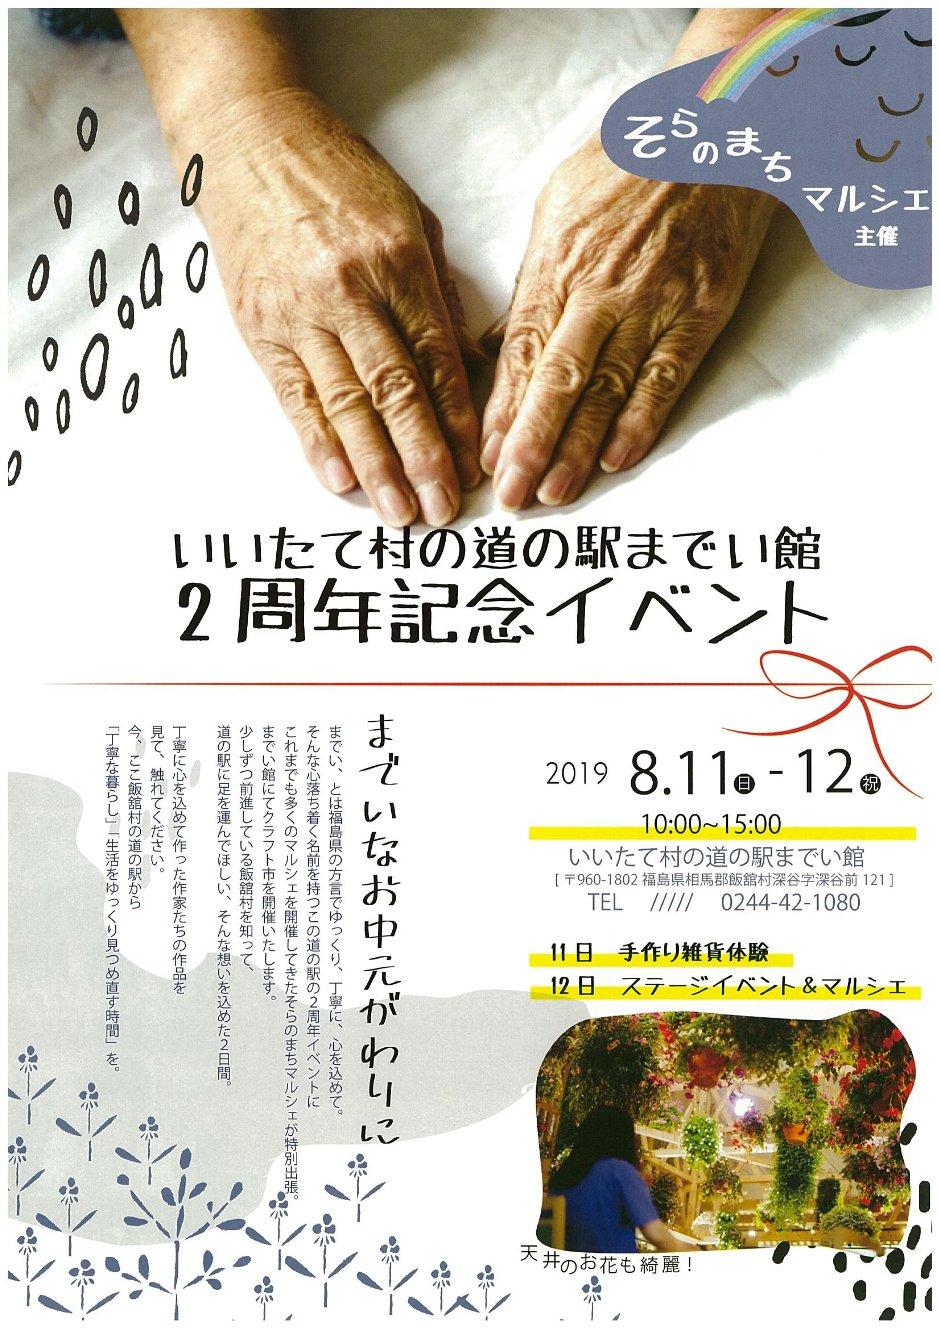 2019.8.11、12いいたて村の道の駅までい館2周年記念イベント